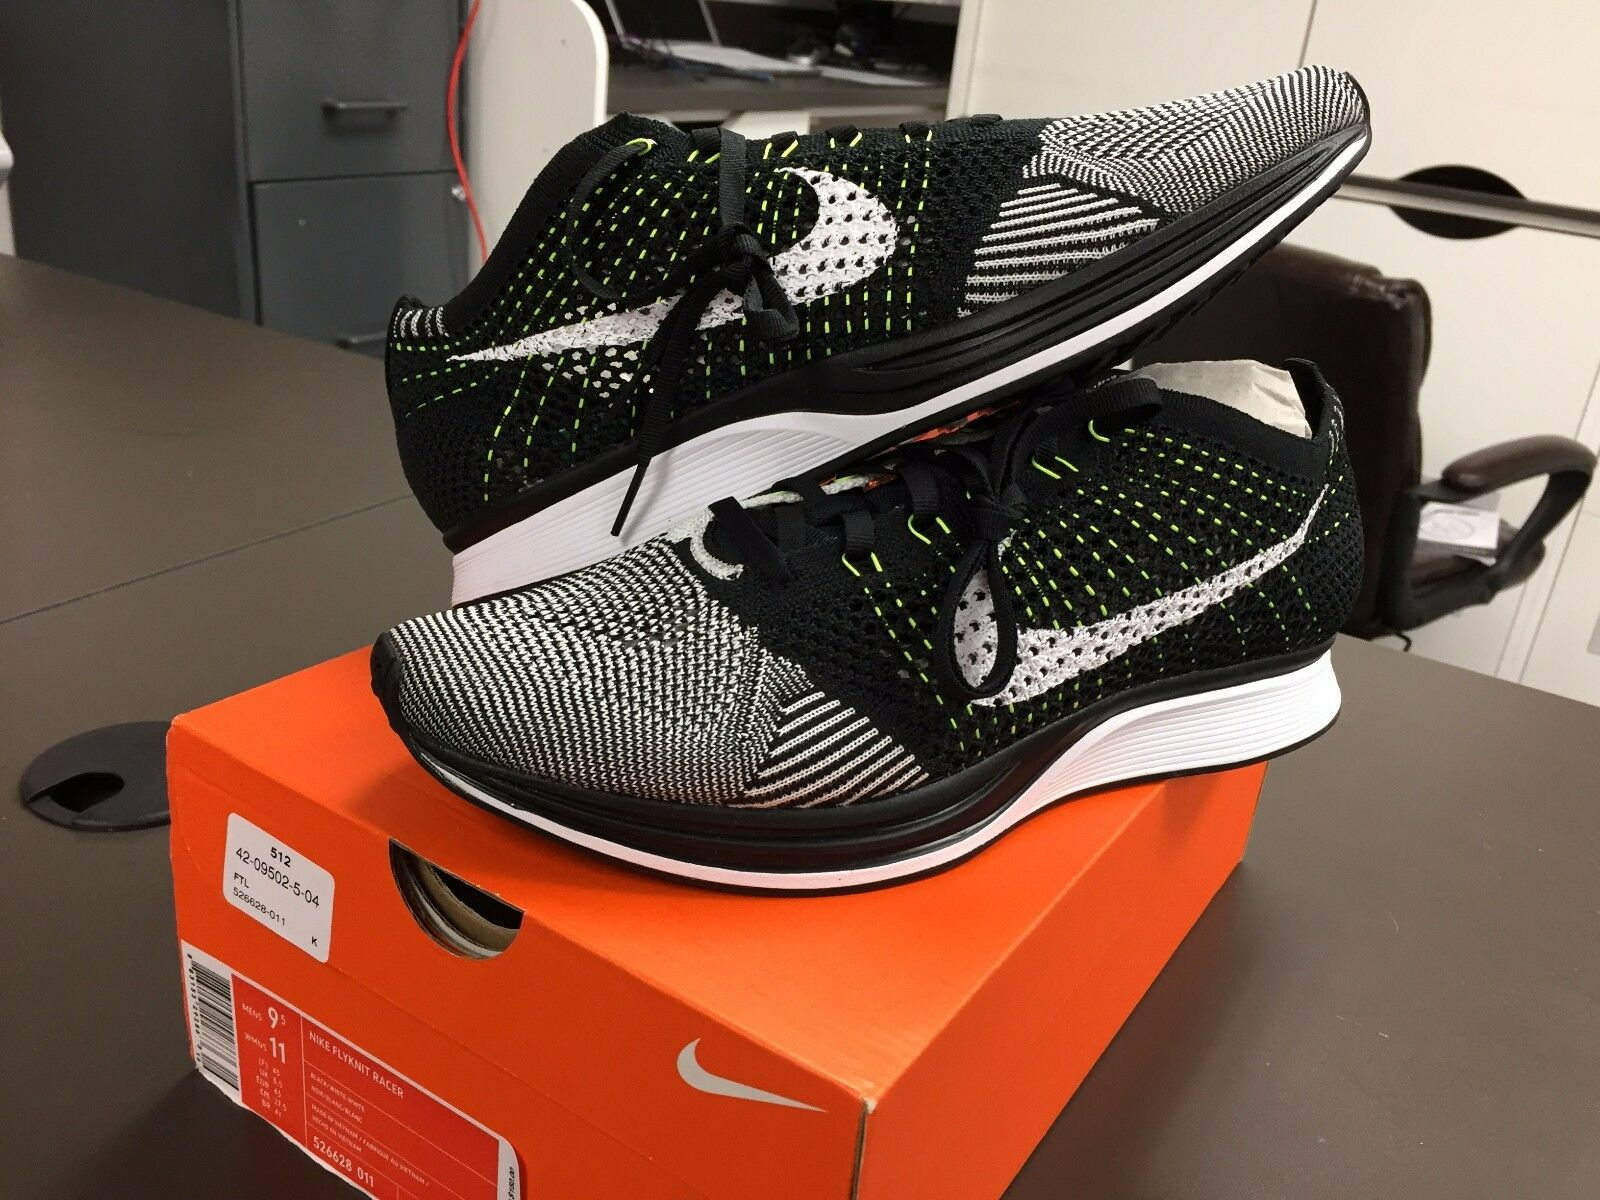 Nike Volt Flyknit Racer Noir blanc Volt Nike Neon 526628 011 Men 695b82